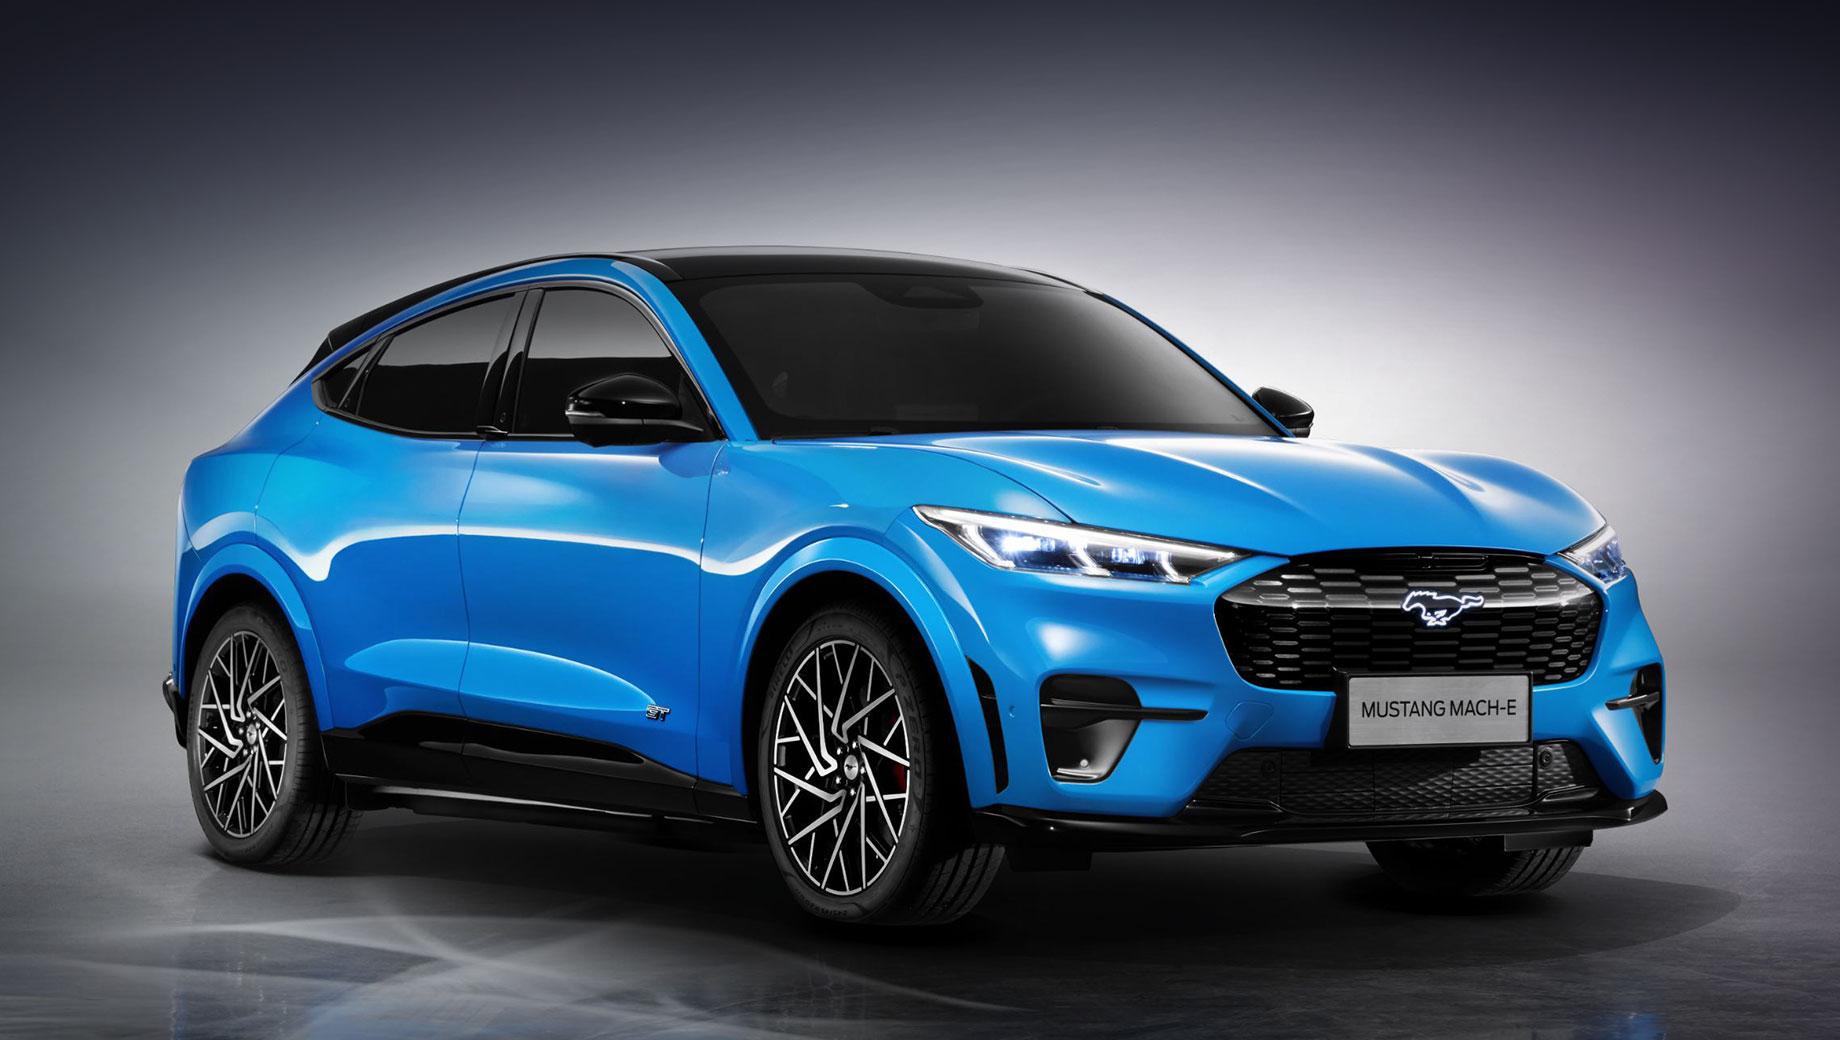 Производство электрокара Mustang Mach-E началось в Китае